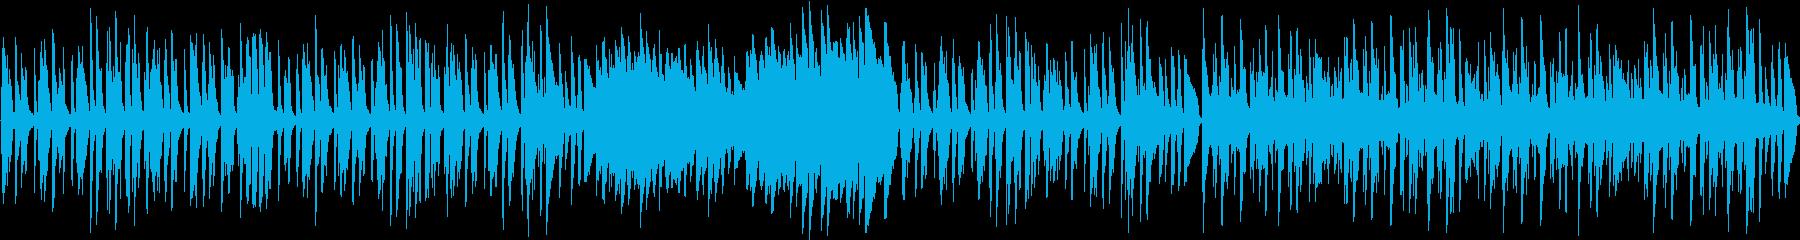 キラキラ跳ねる明るく可愛いワルツ(ループの再生済みの波形